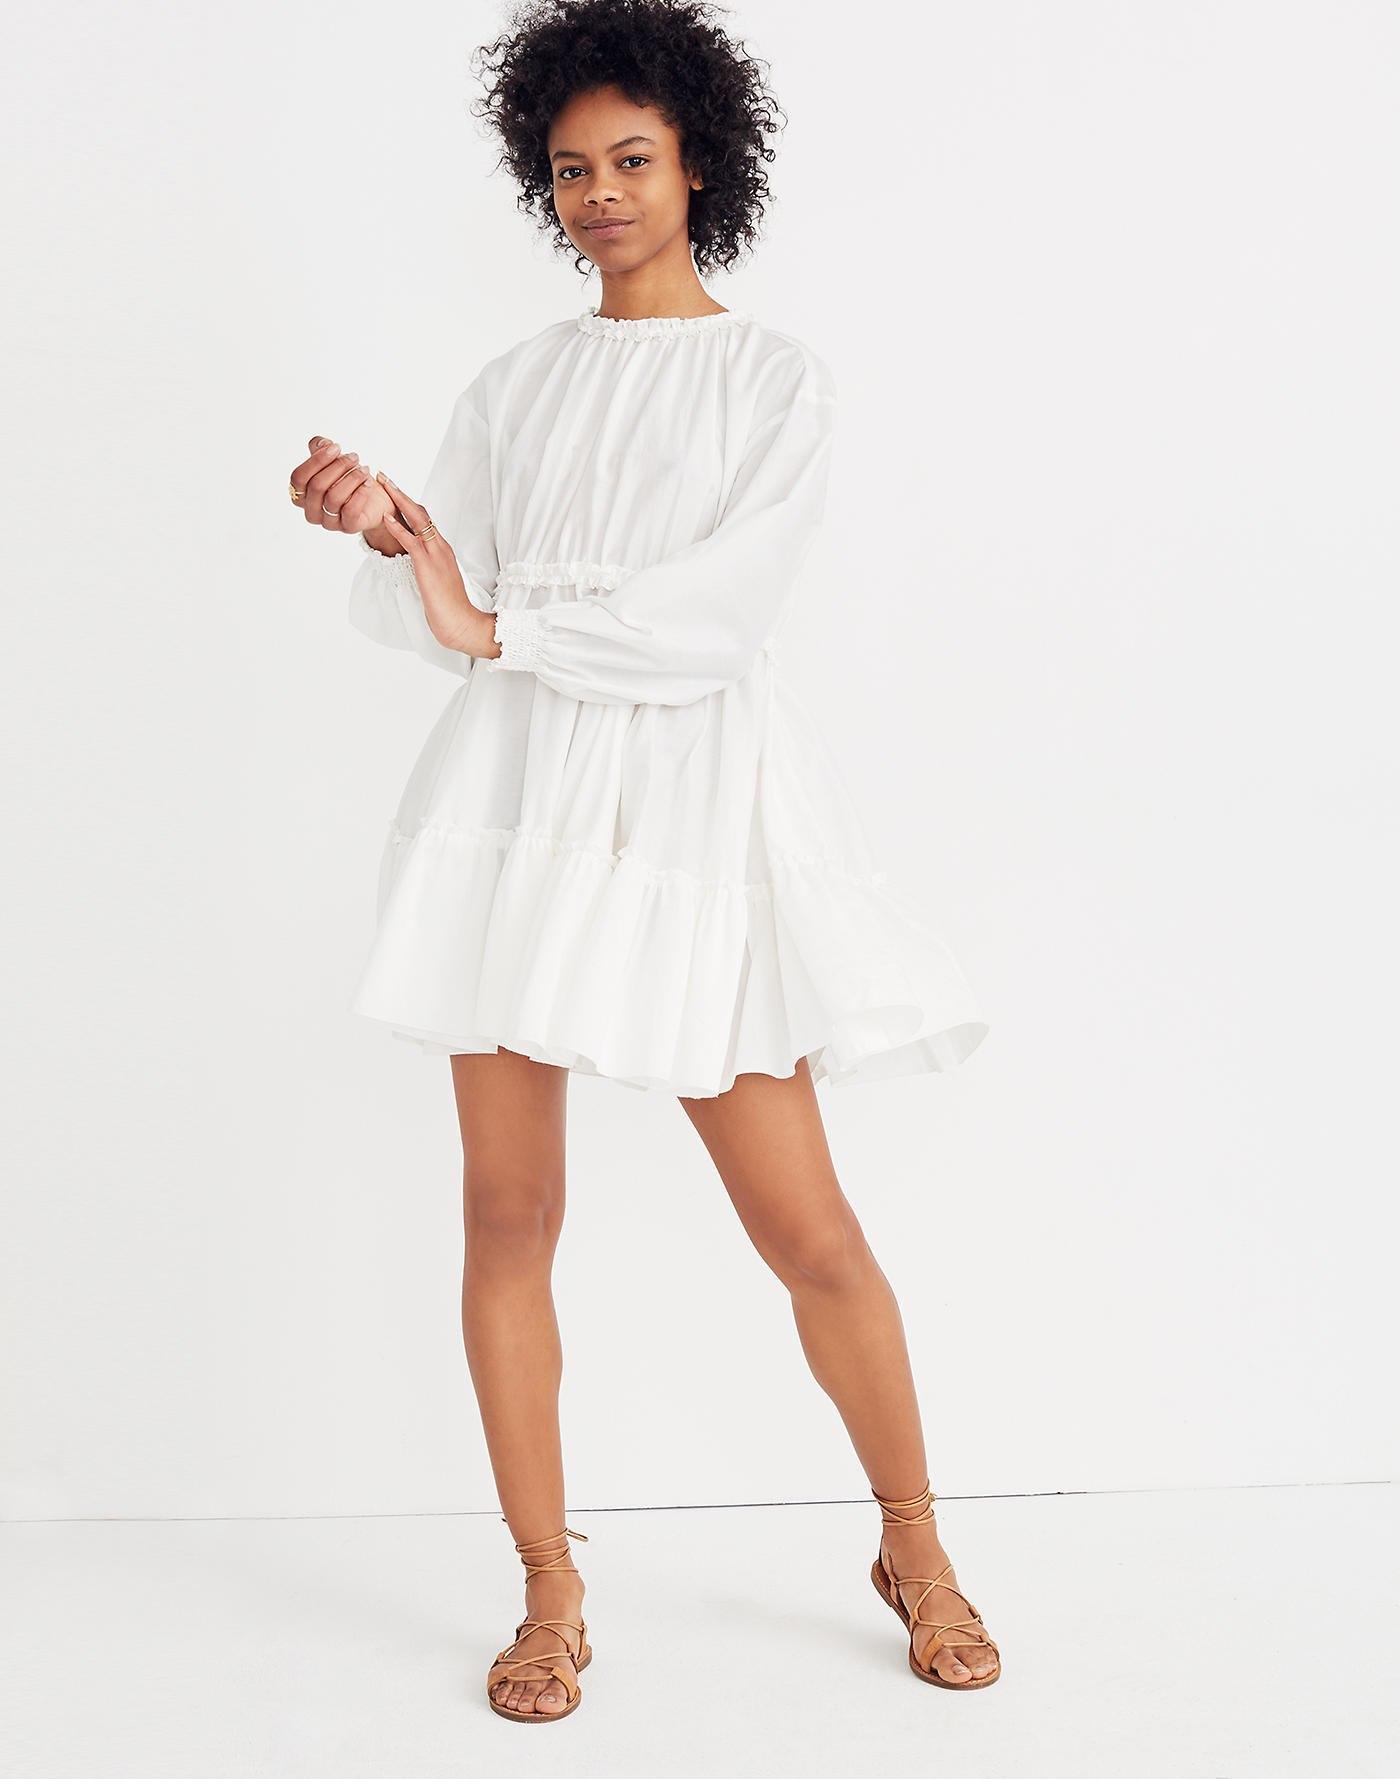 eb64393424 Lyst - Madewell Karen Walker Azolla Dress in White